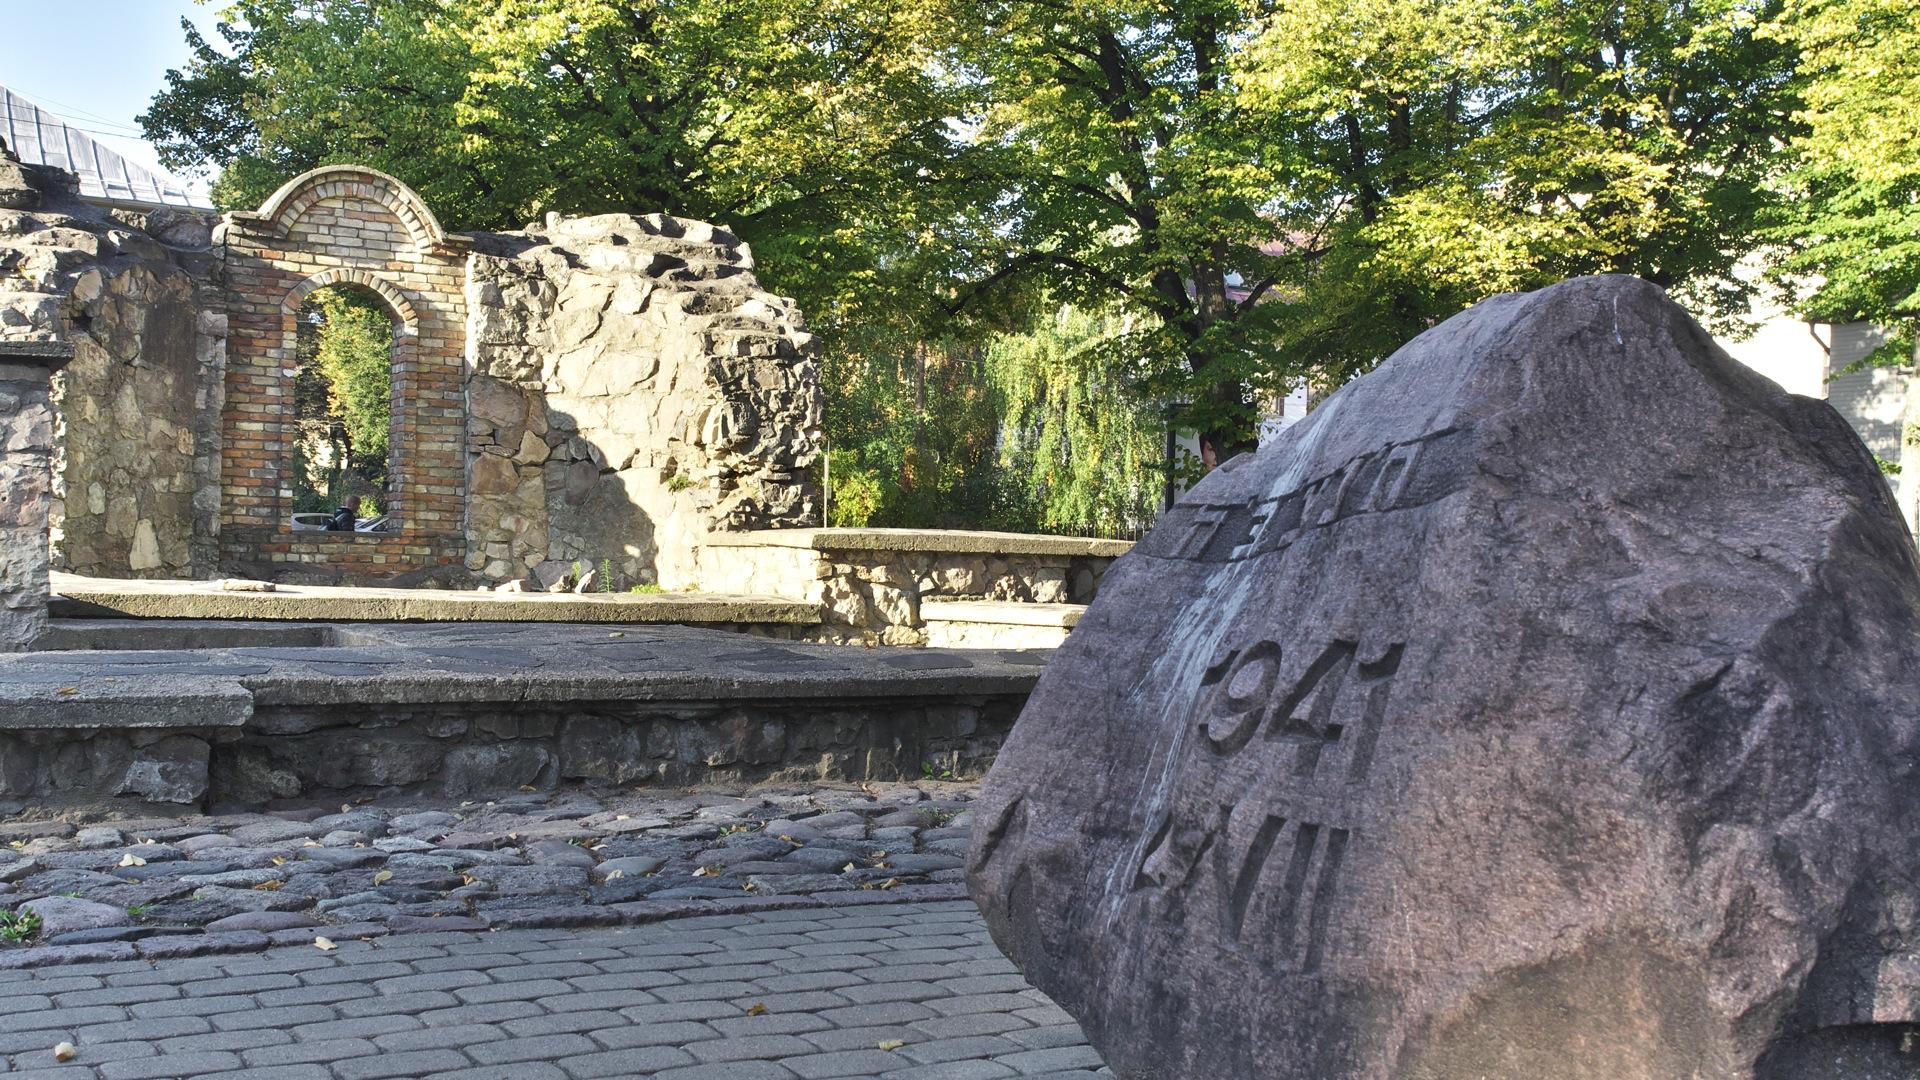 Bild: An der Ruine der Jüdischen Choralsynagoge in der Moskauer Vorstadt von Rīga. OLYMPUS OM-D E-M5 mit M.ZUIKO DIGITAL ED 12‑40mm 1:2.8. ISO 200 ¦ f/5,6 ¦ 18 mm ¦ 1/250 s ¦ kein Blitz. Klicken Sie auf das Bild um es zu vergrößern.